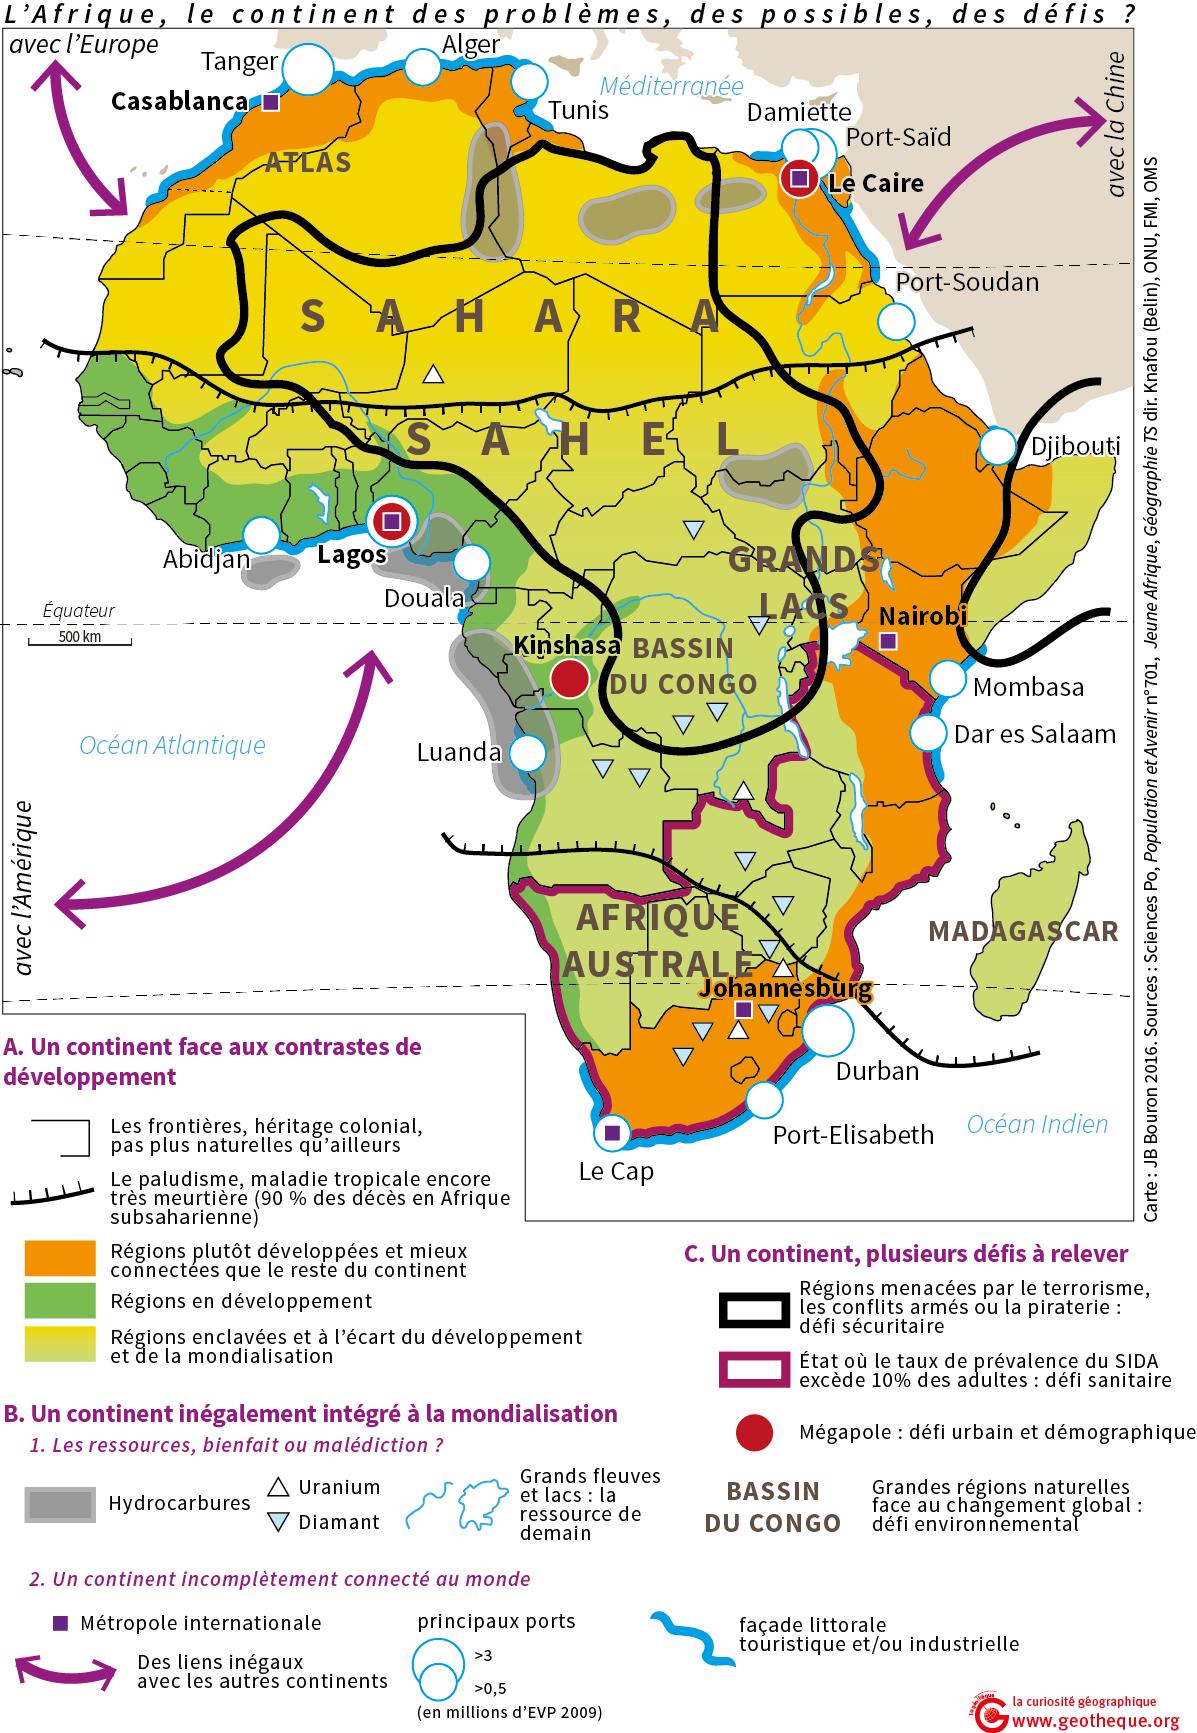 Carte Afrique Ressources Naturelles.L Afrique Le Continent Des Problemes Des Possibles Des